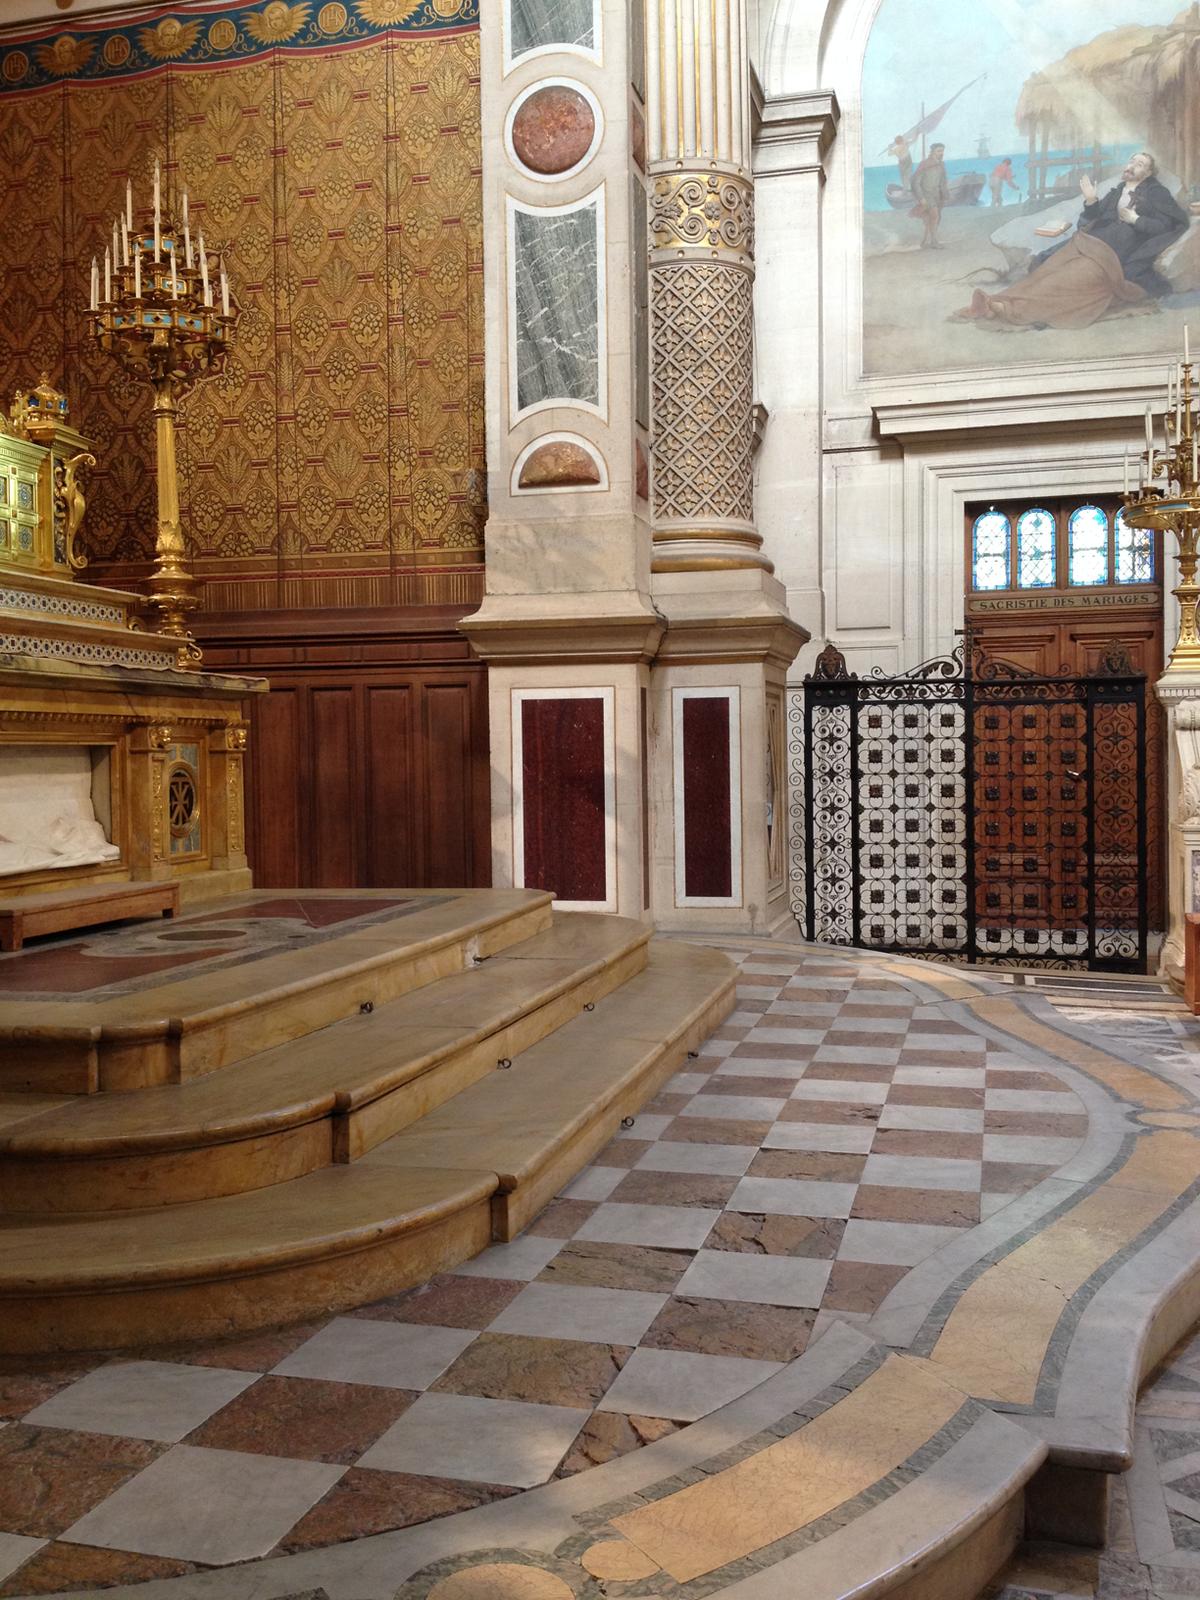 120 ans de la dédicace de l'église Saint François Xavier, programme musical des festivités